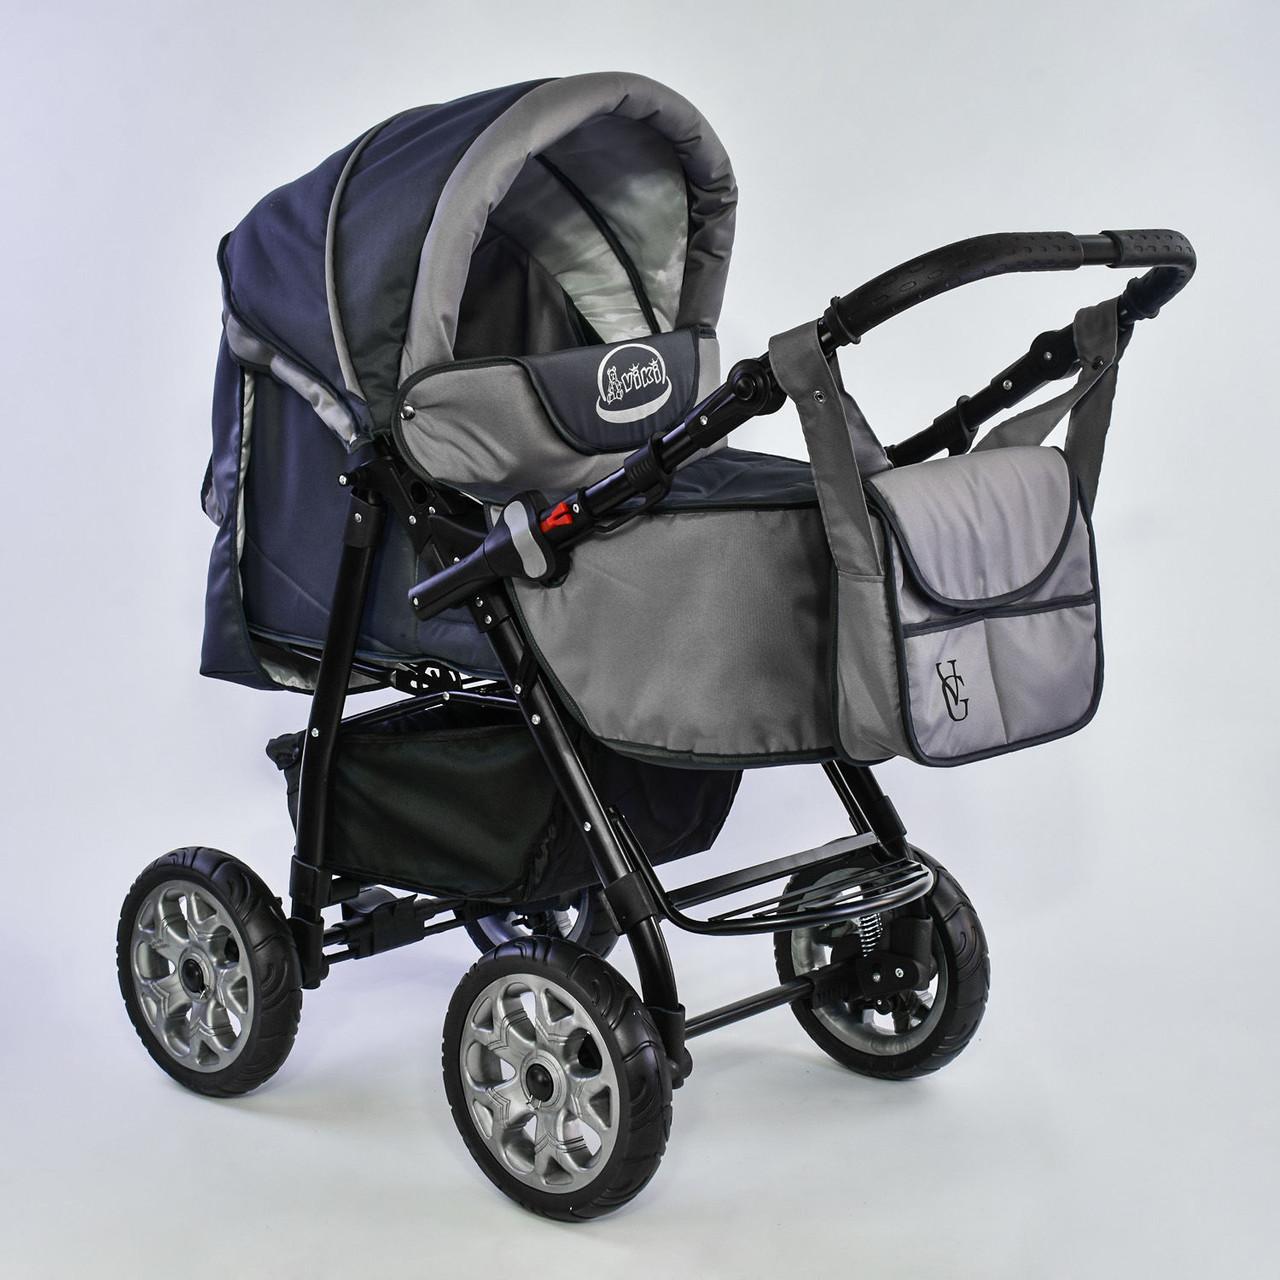 Детская коляска-трансформер Viki 86- С 91 Серая Гарантия качества Быстрая доставка